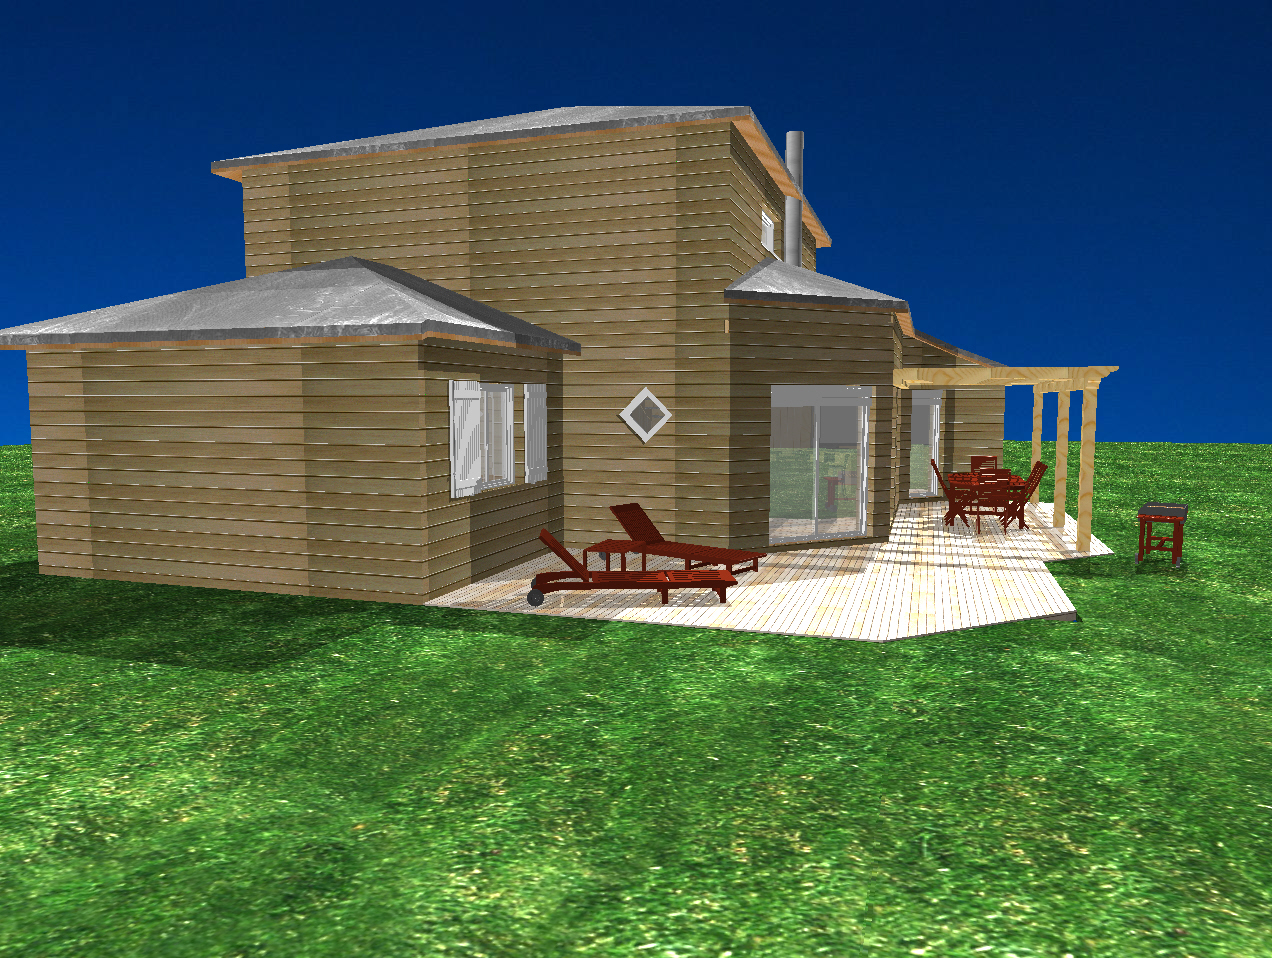 realisation des plans de notre maison bioclimatique notre projet de maison bioclimatique. Black Bedroom Furniture Sets. Home Design Ideas